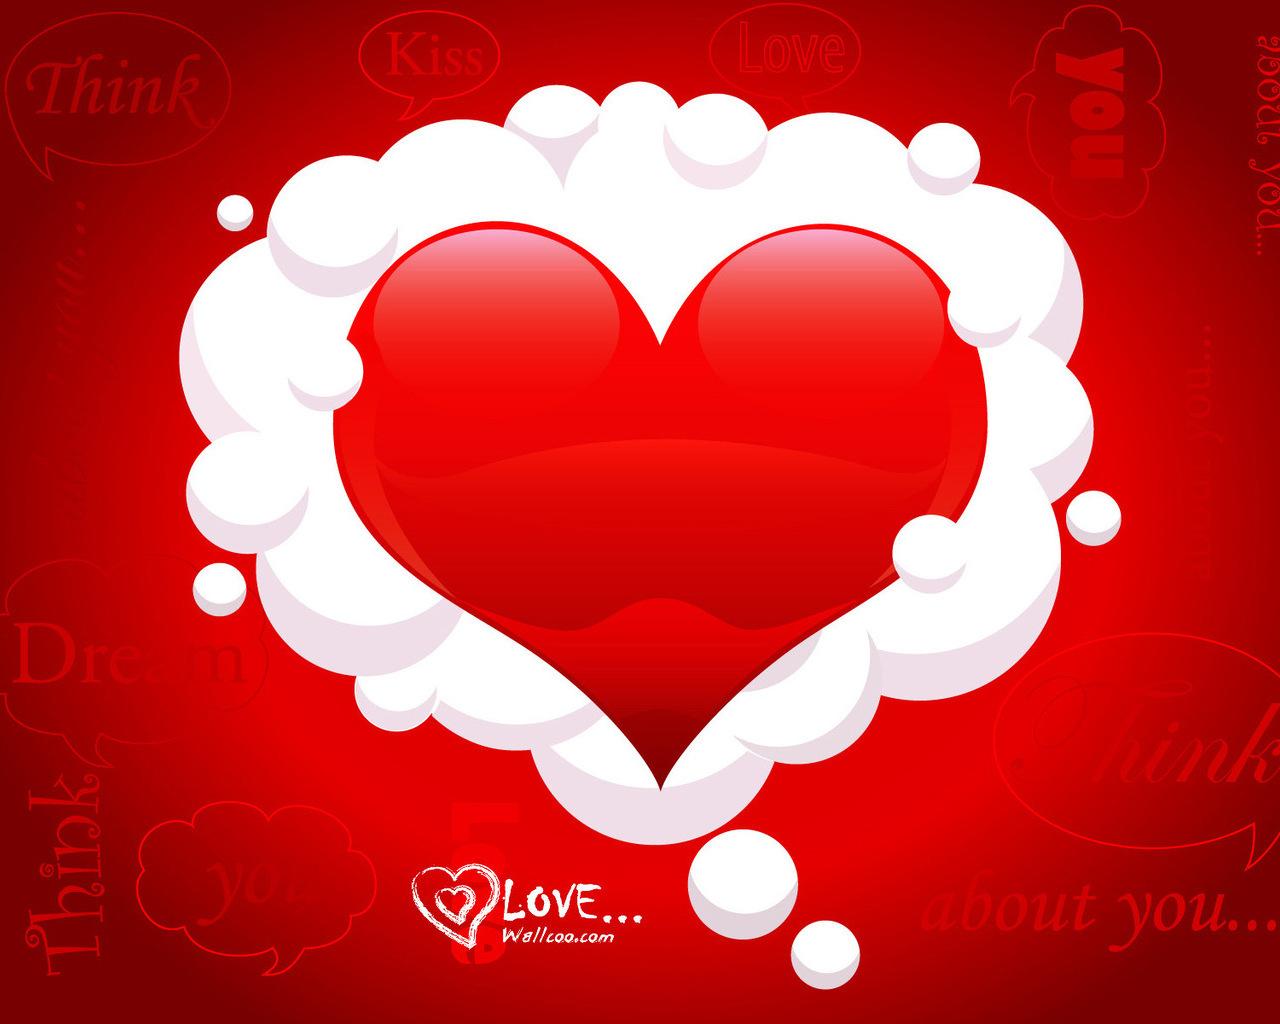 Любовные мысли 1280 x 1024...